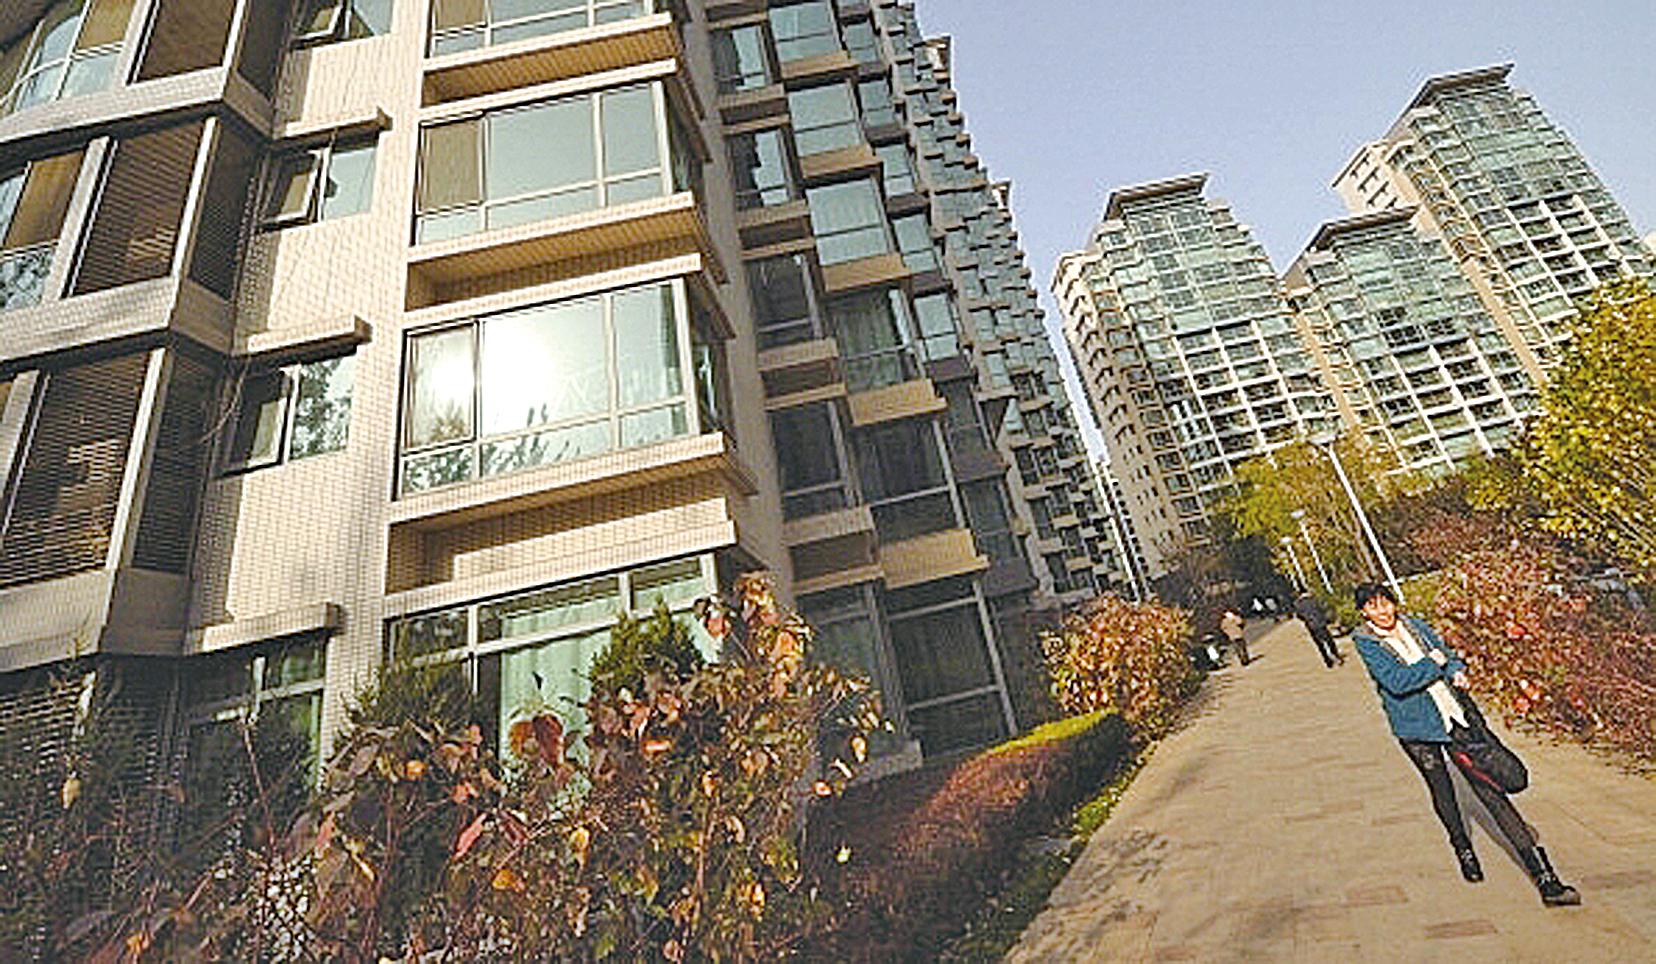 近日北京試行推出共有產權住房,有學者批其只是以前的自住房改了個名字,認為制度弊端極為明顯。圖為北京某小區。(Getty Images)